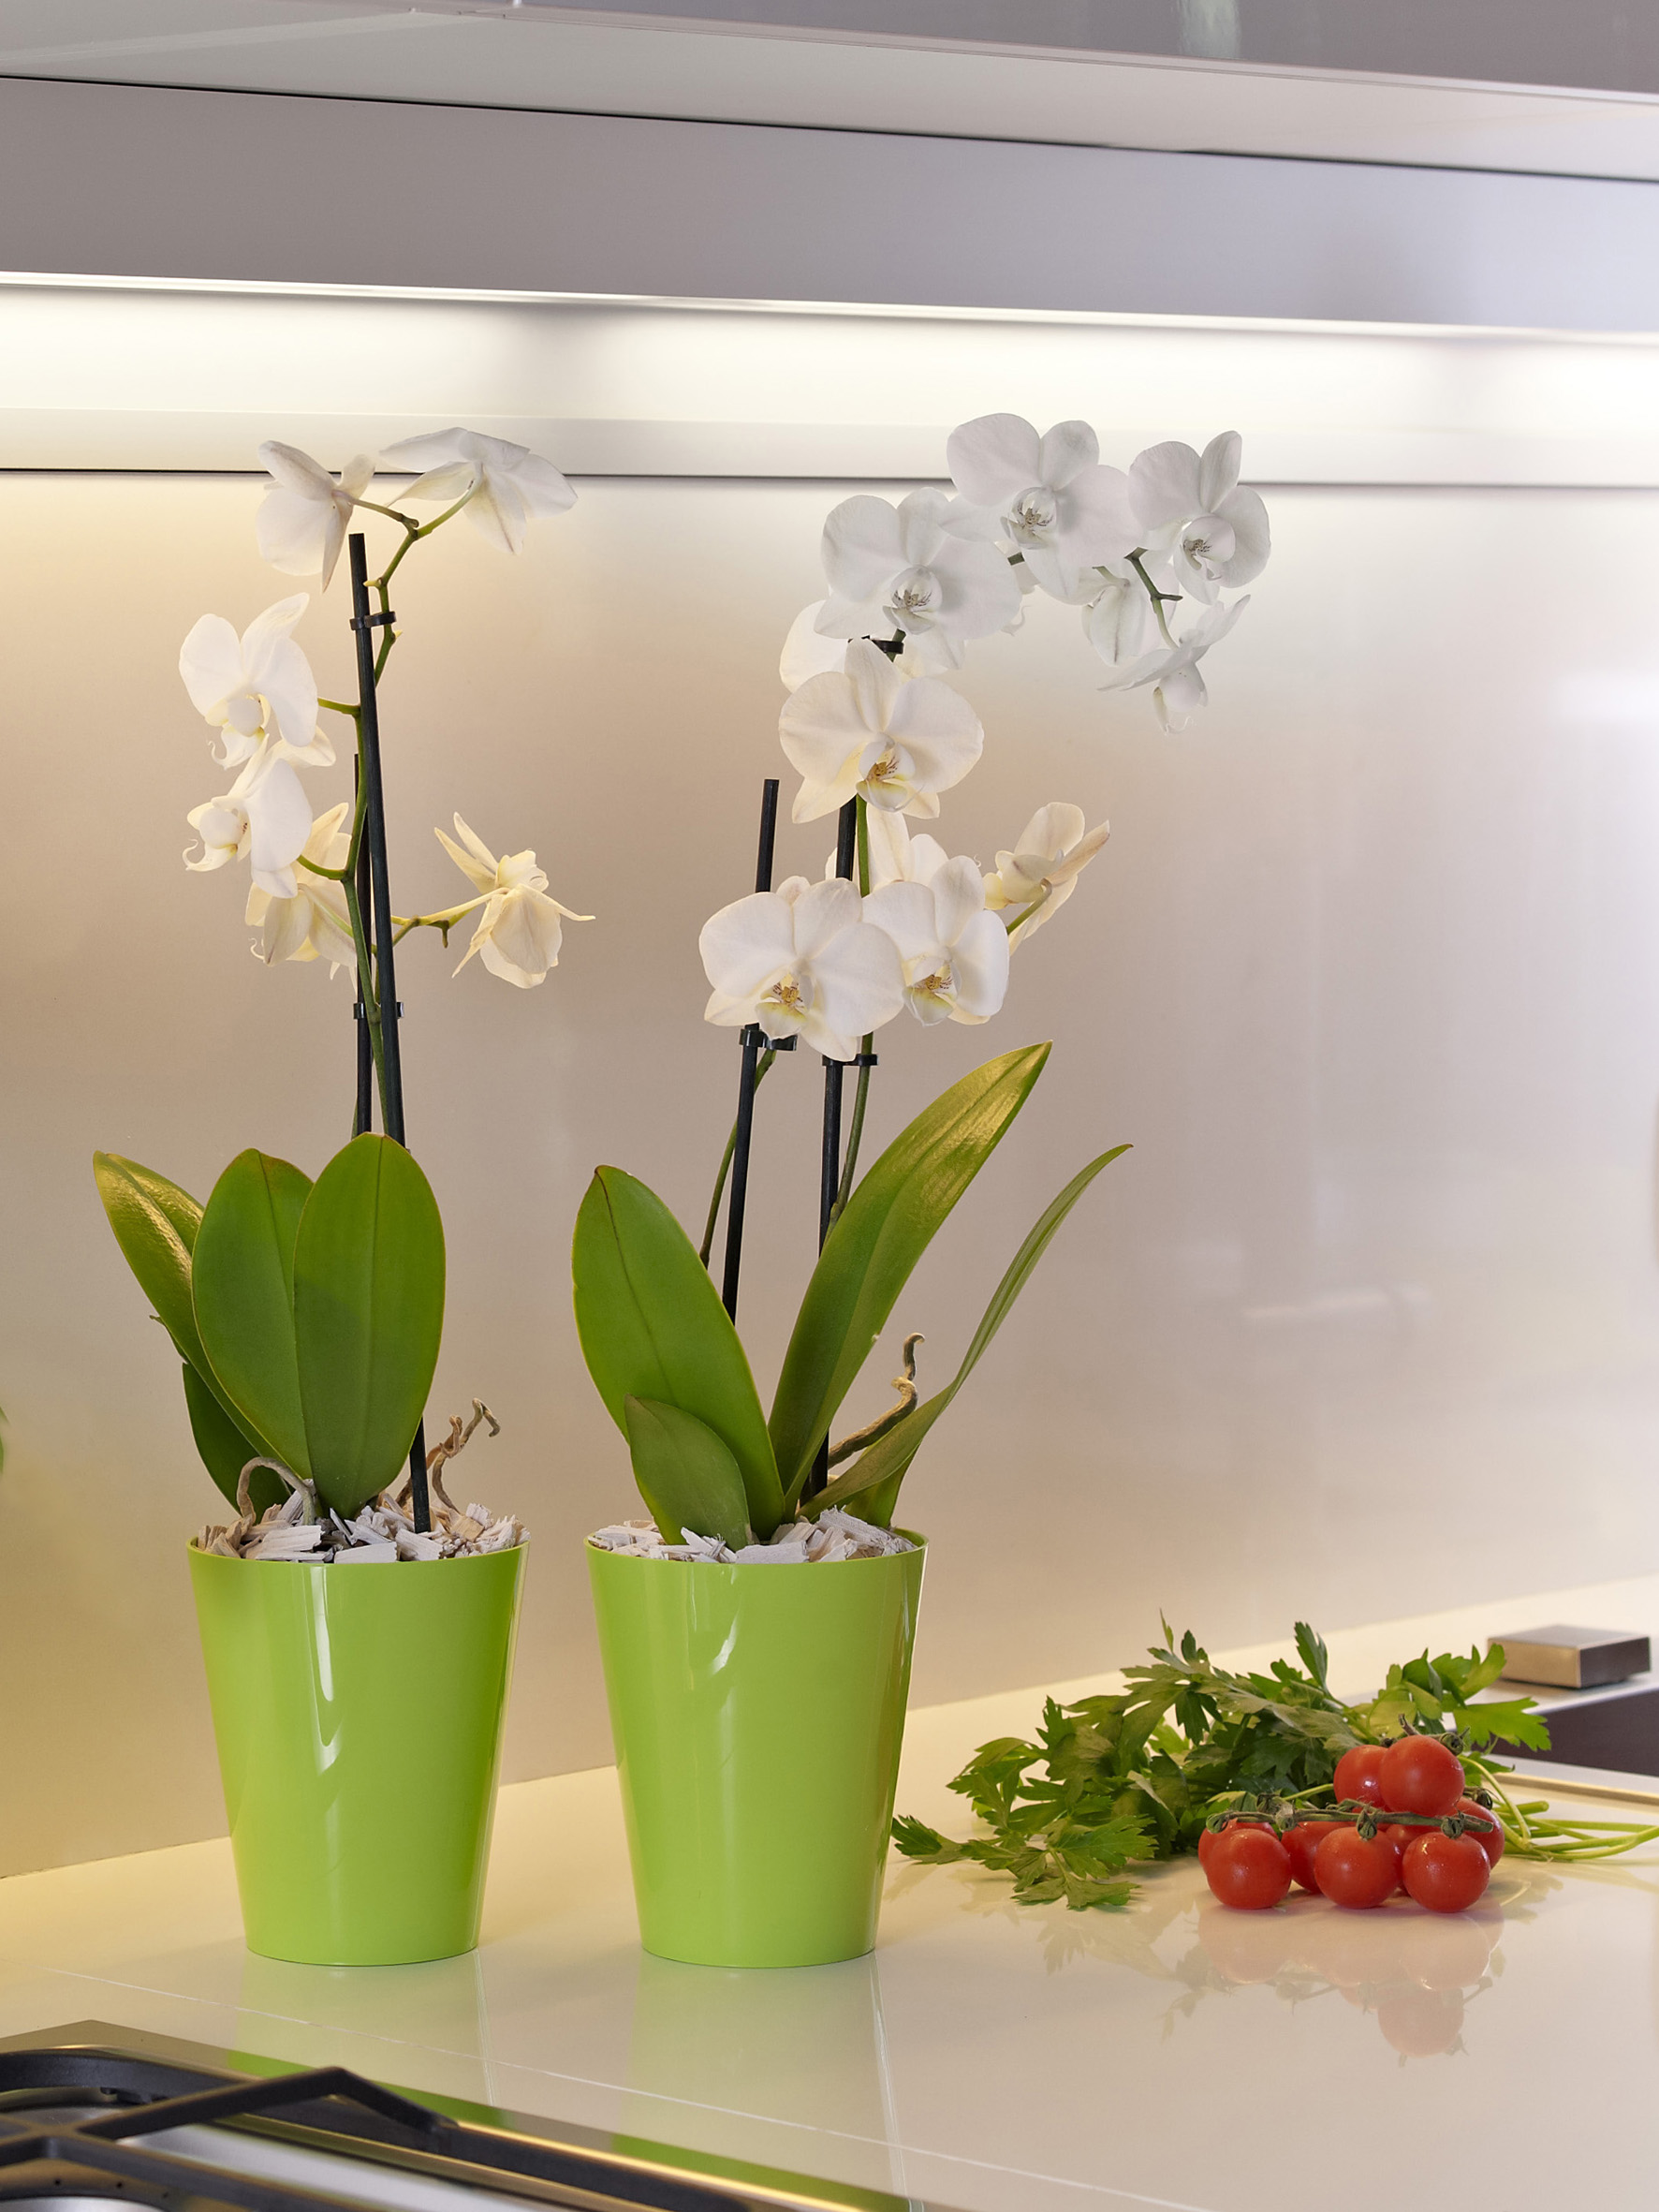 Clivo dekorativna saksija za orhideju